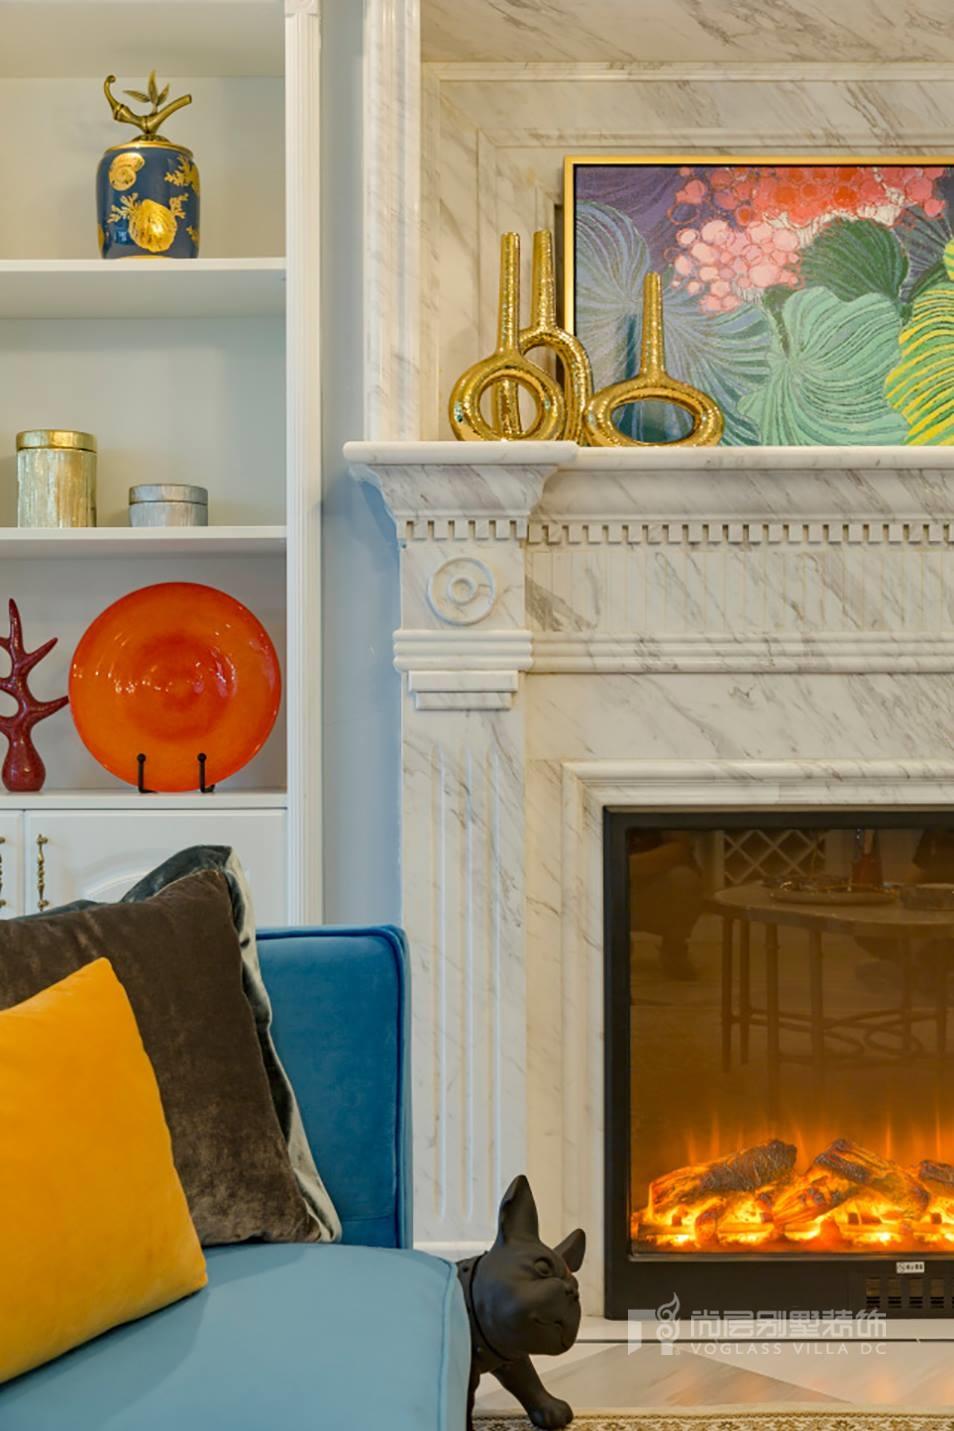 设计师结合空间主人的实际需求与功能空间美感,为业主量身定制了二层大书房空间的改造。在白色和奶油色的衬托下,书房显得格外的明亮透彻,营造出了安宁而沉静的居室氛围;散发出独特的美感,让人不得不爱。  设计师在书房改造时设计出了一个休闲区,不仅满足了业主的会客商谈需求,也可以在此小憩休息背景墙大胆运用树干装饰的壁纸,增加上家具散发出来的慵懒的气息,整个空间充满了舒适感与活力。